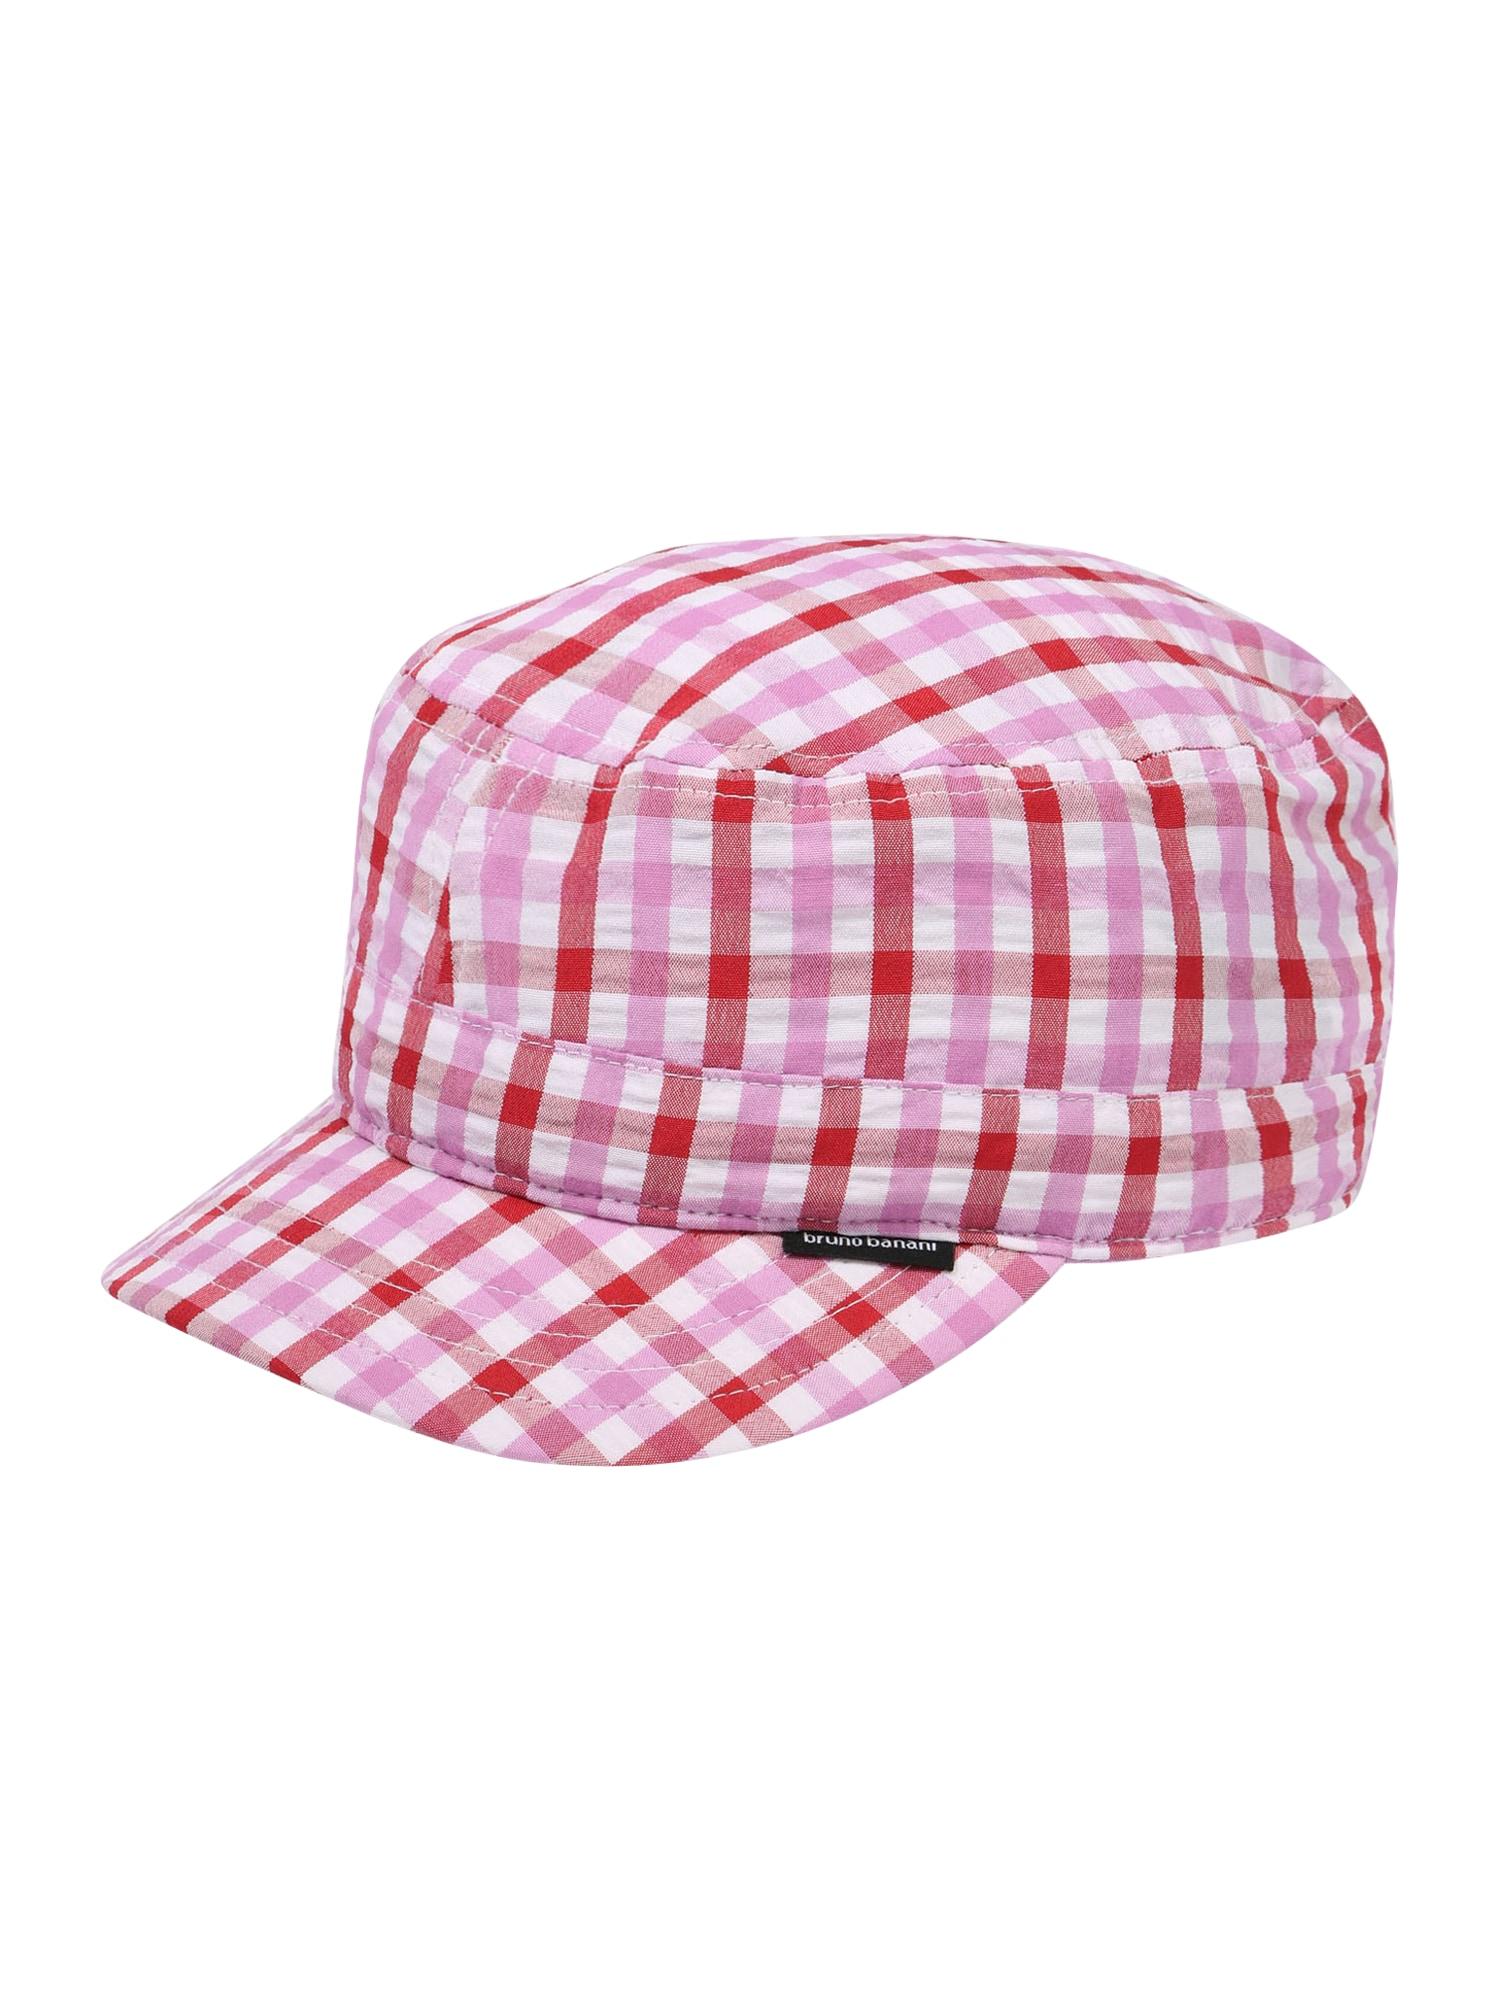 BRUNO BANANI Kepurė raudona / balta / rožinė